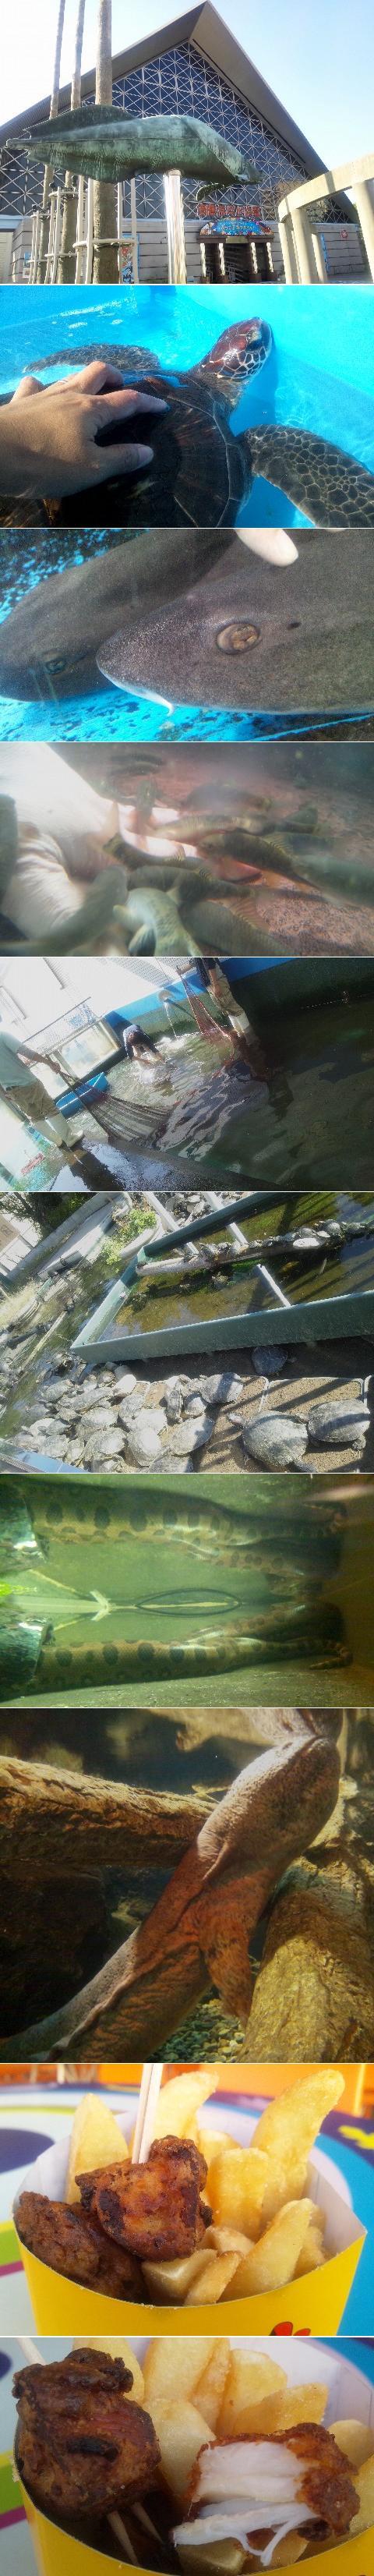 須磨海浜水族園(スマスイ)